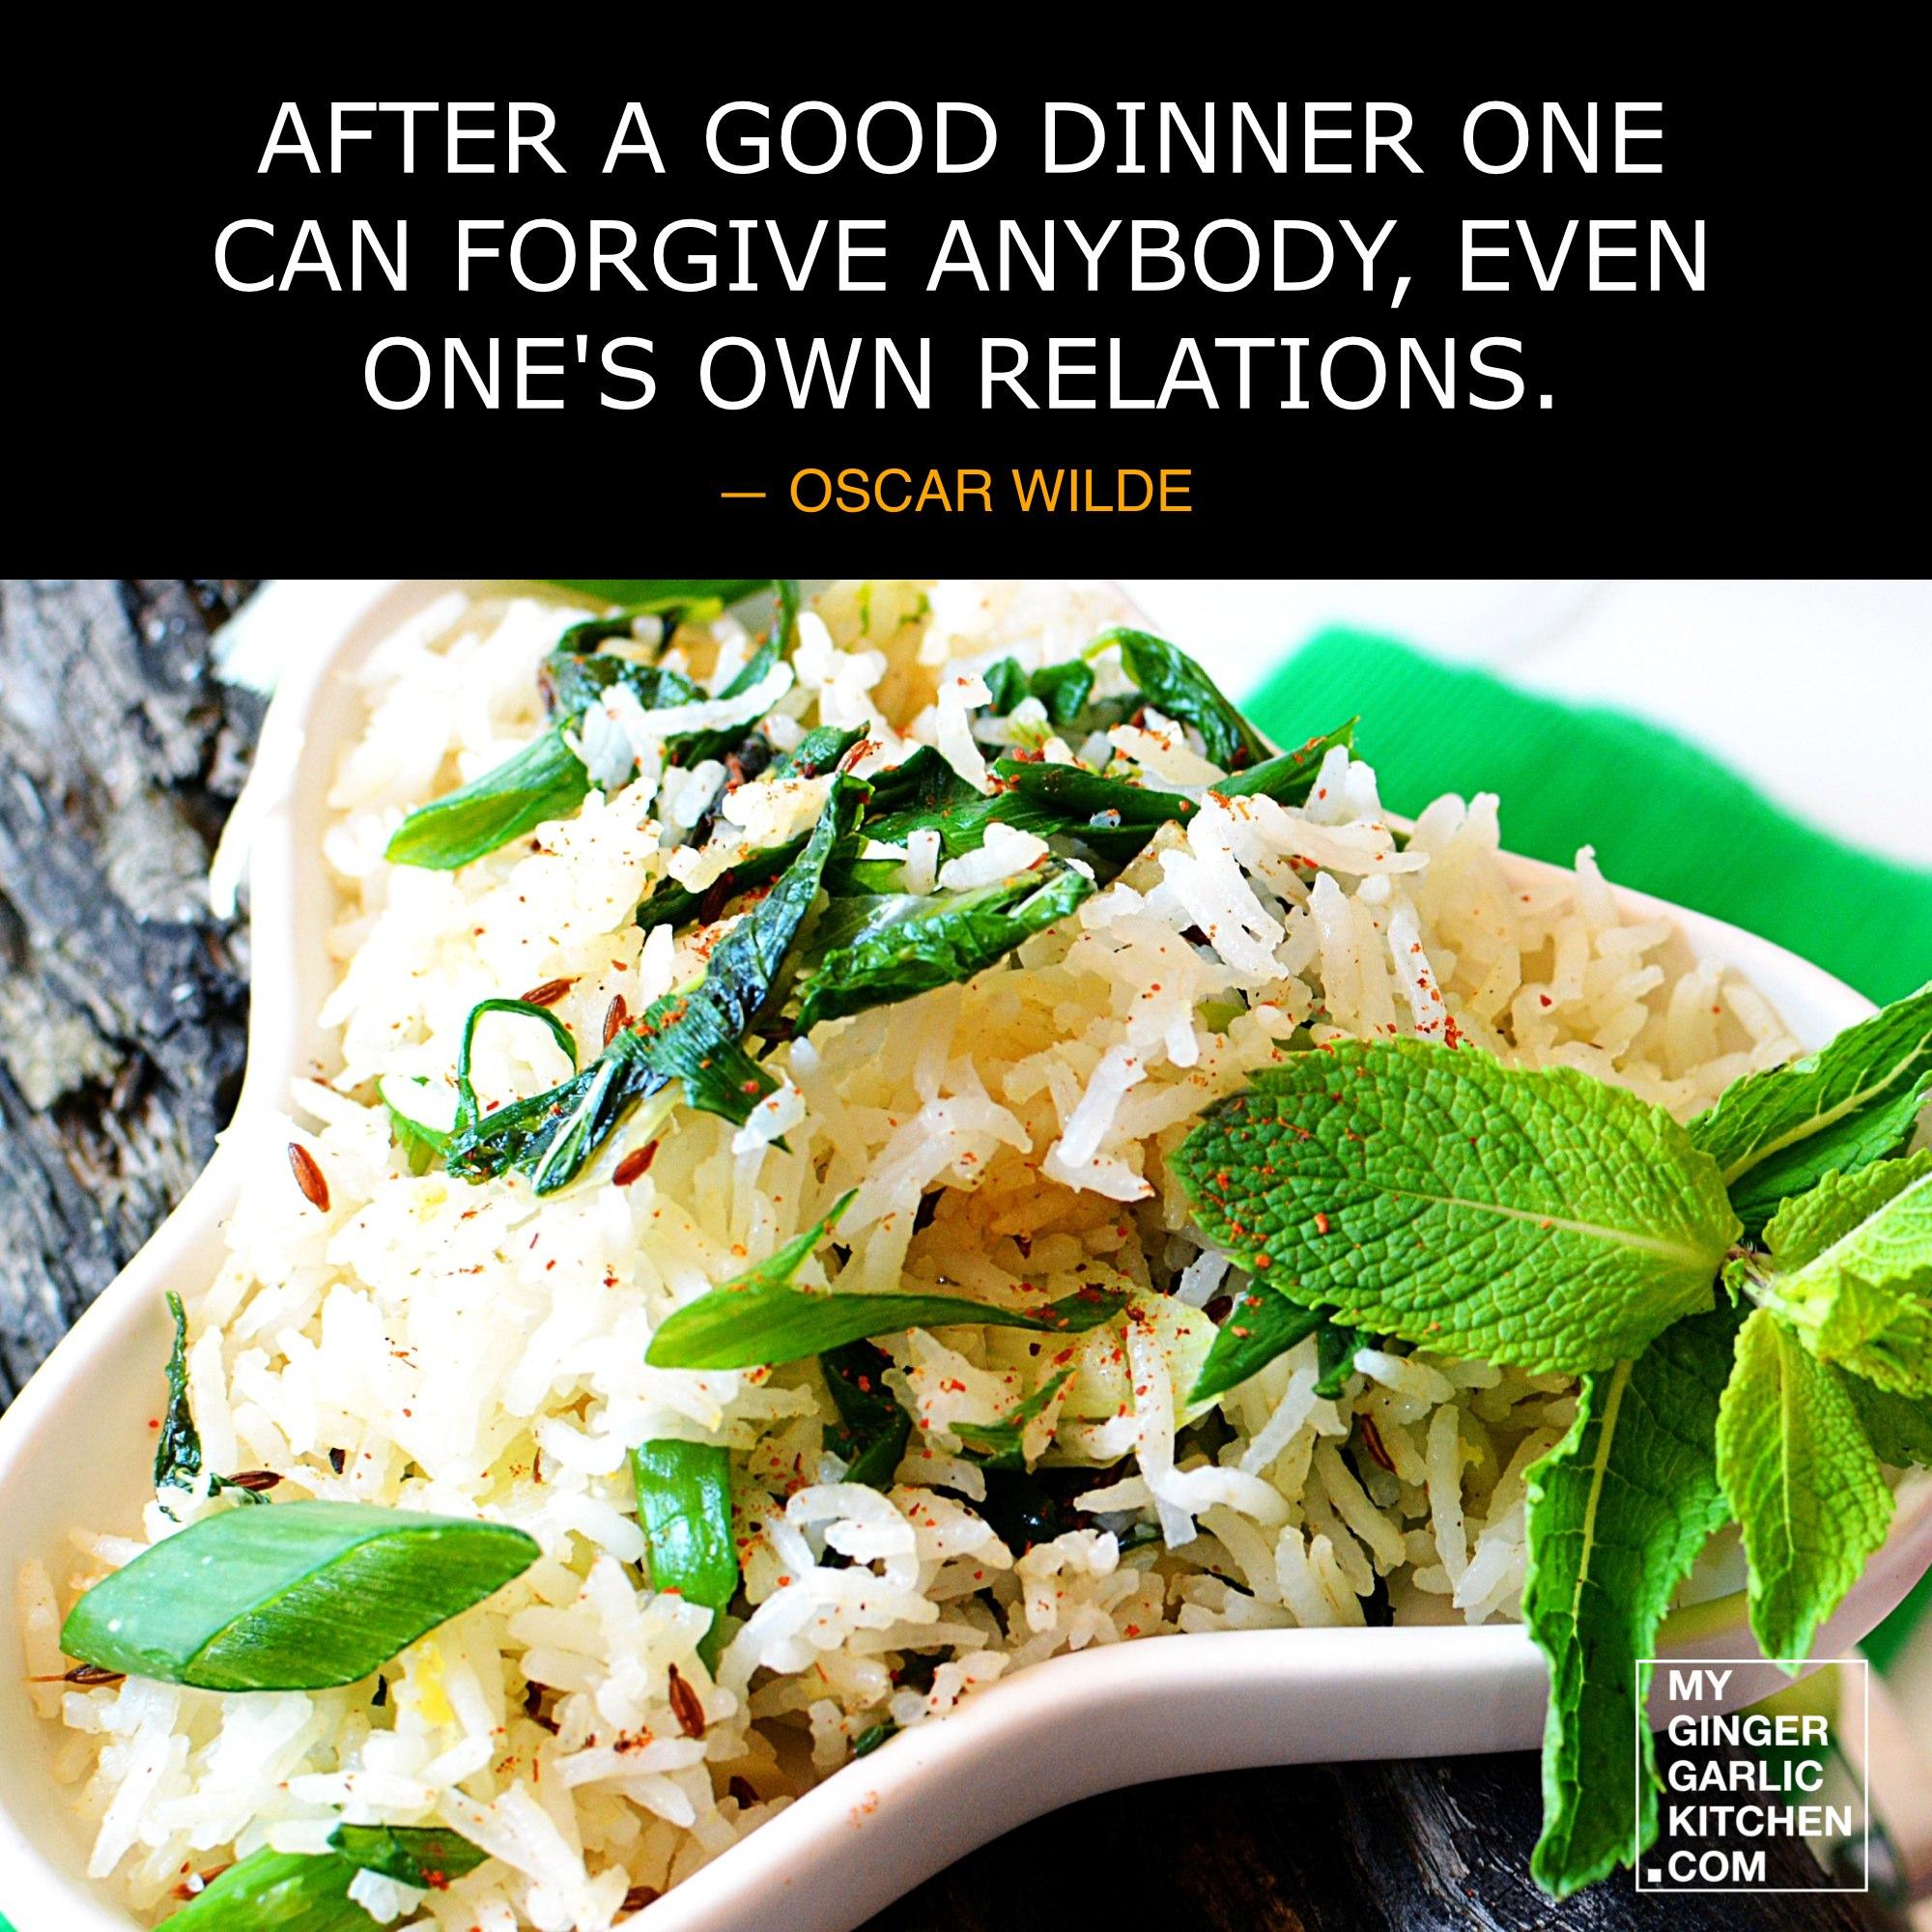 Image - quote wallpaper anupama paliwal my ginger garlic kitchen 17